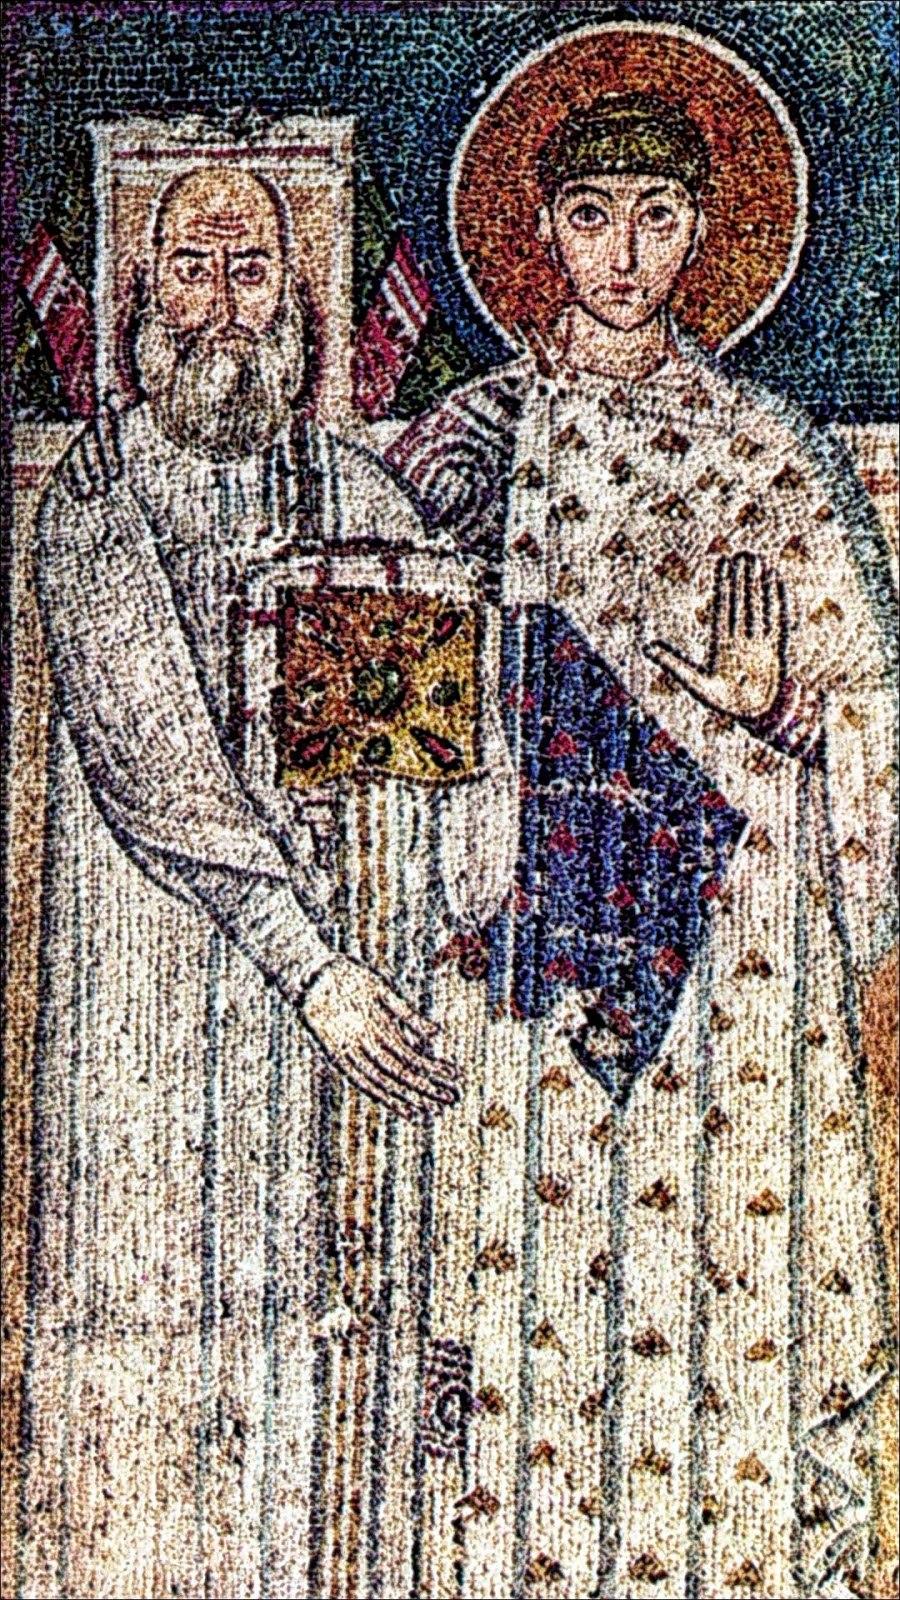 Άγιος Δημήτριος Άγιος Δημήτριος Θεσσαλονίκης. Ψηφιδωτό 7ου αιώνα